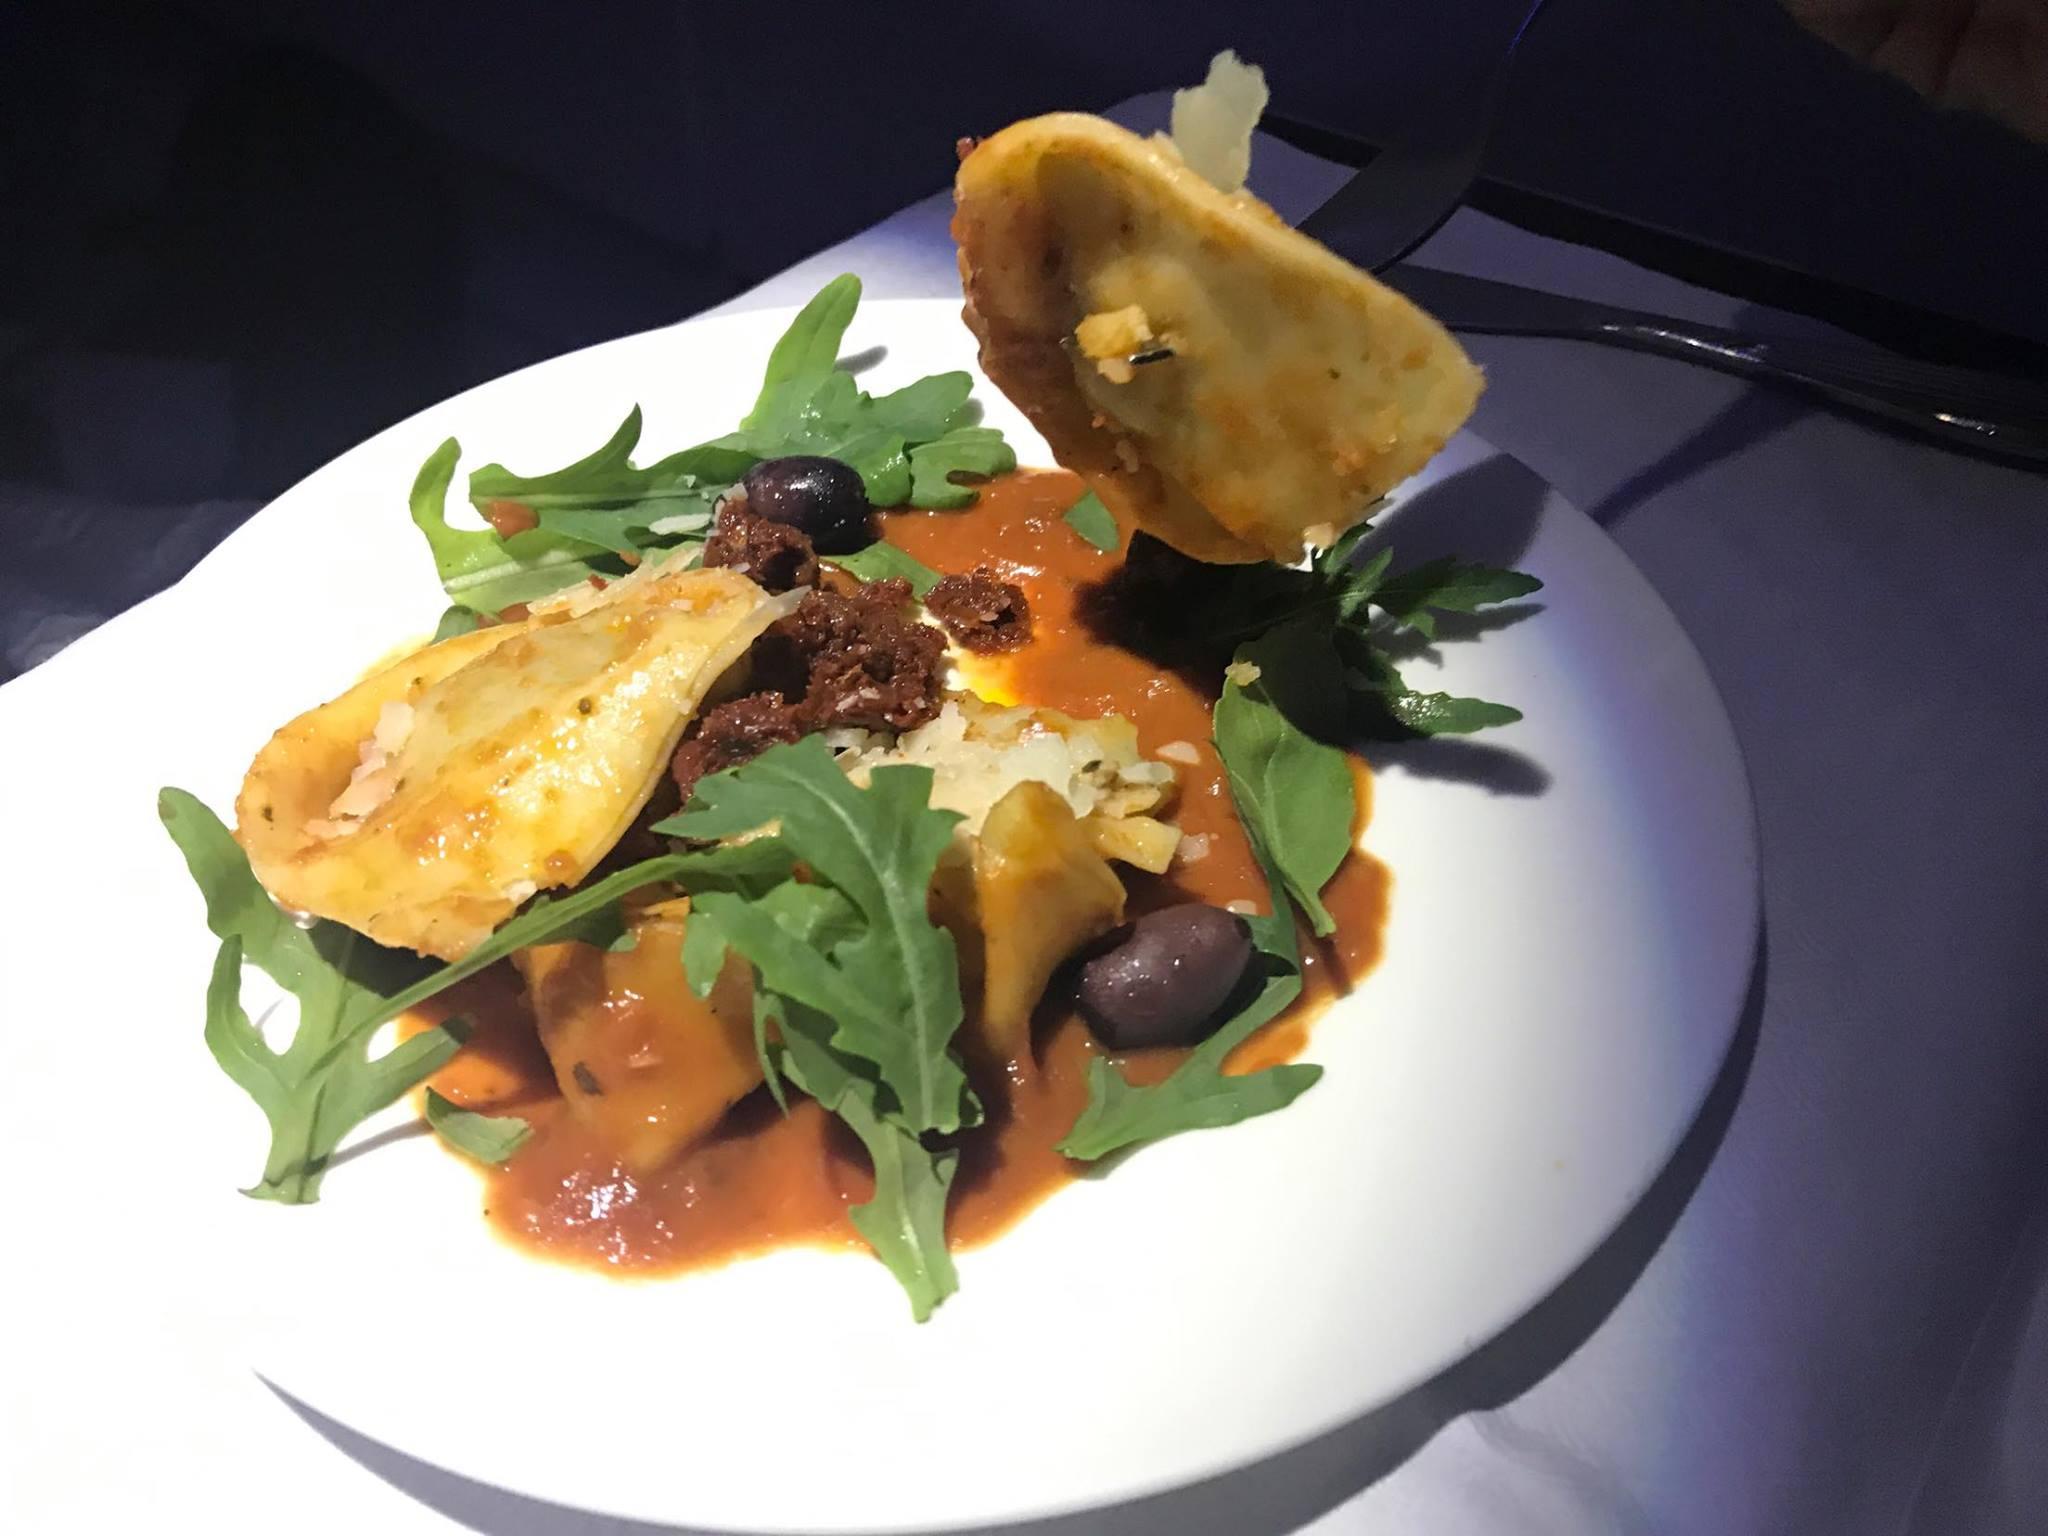 美味しいと評判のカタール航空のエコノミー・ビジネスクラスの機内食メニューは?